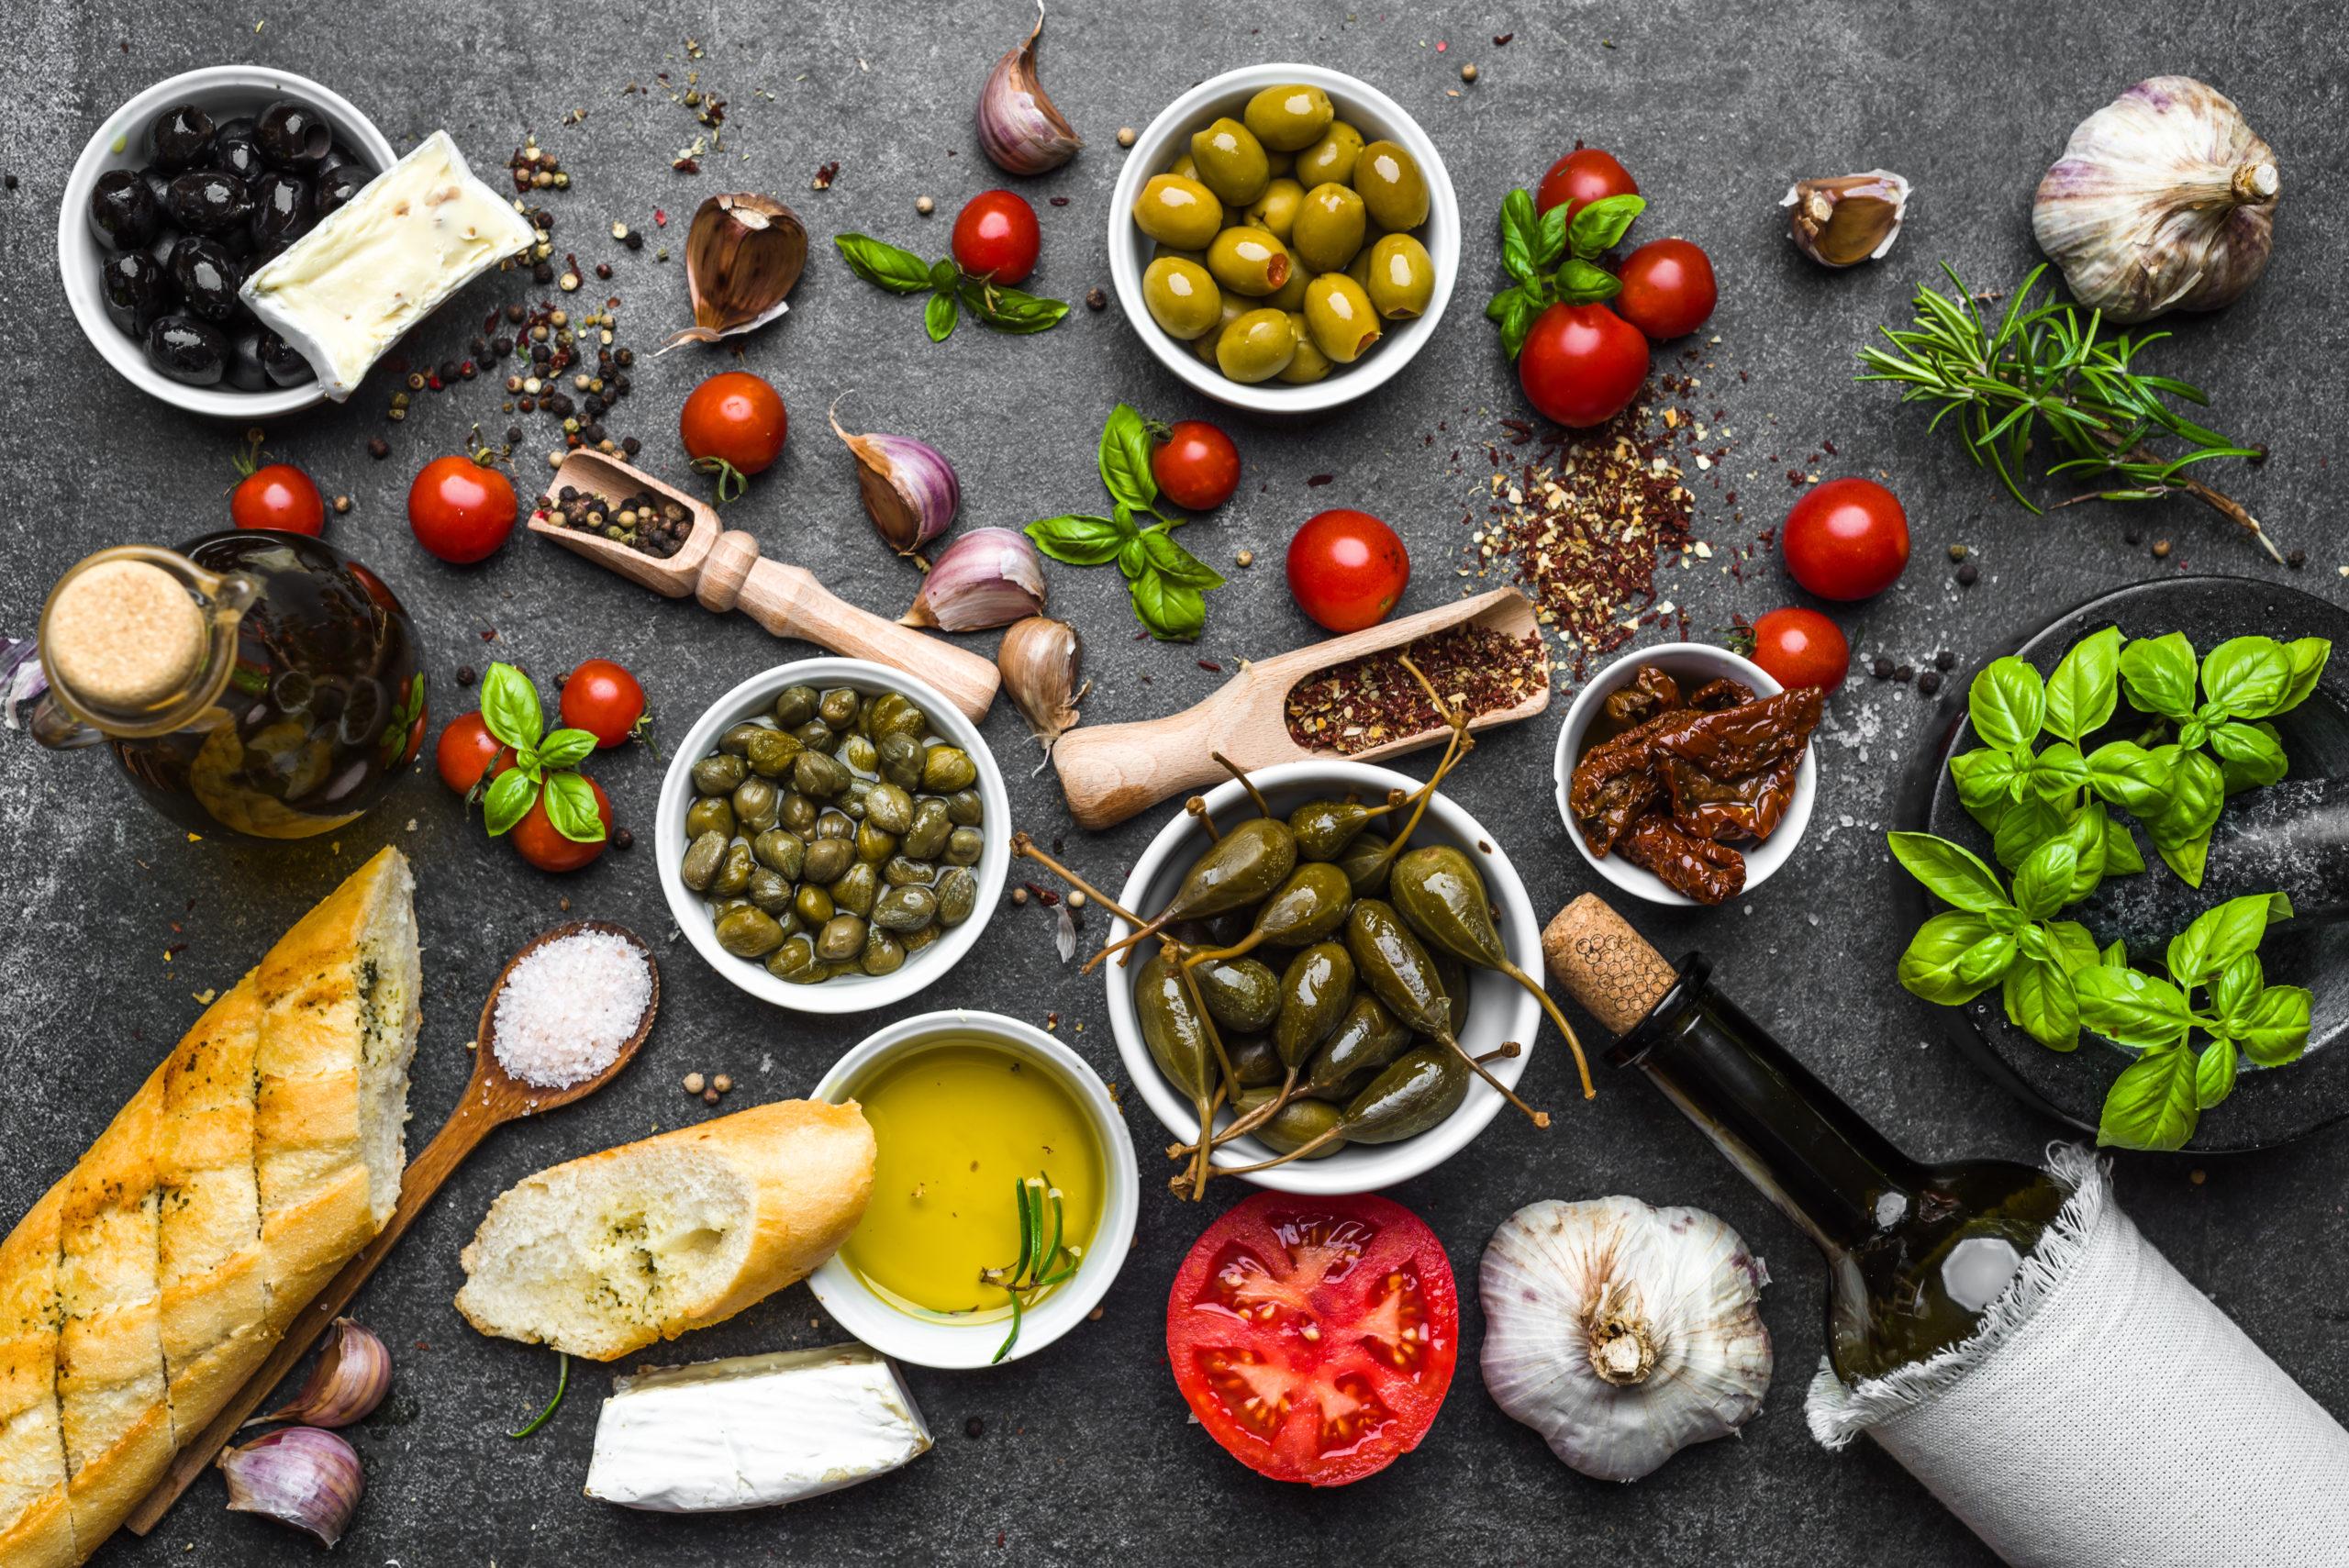 La dieta mediterránea gana el premio a la mejor dieta de 2021